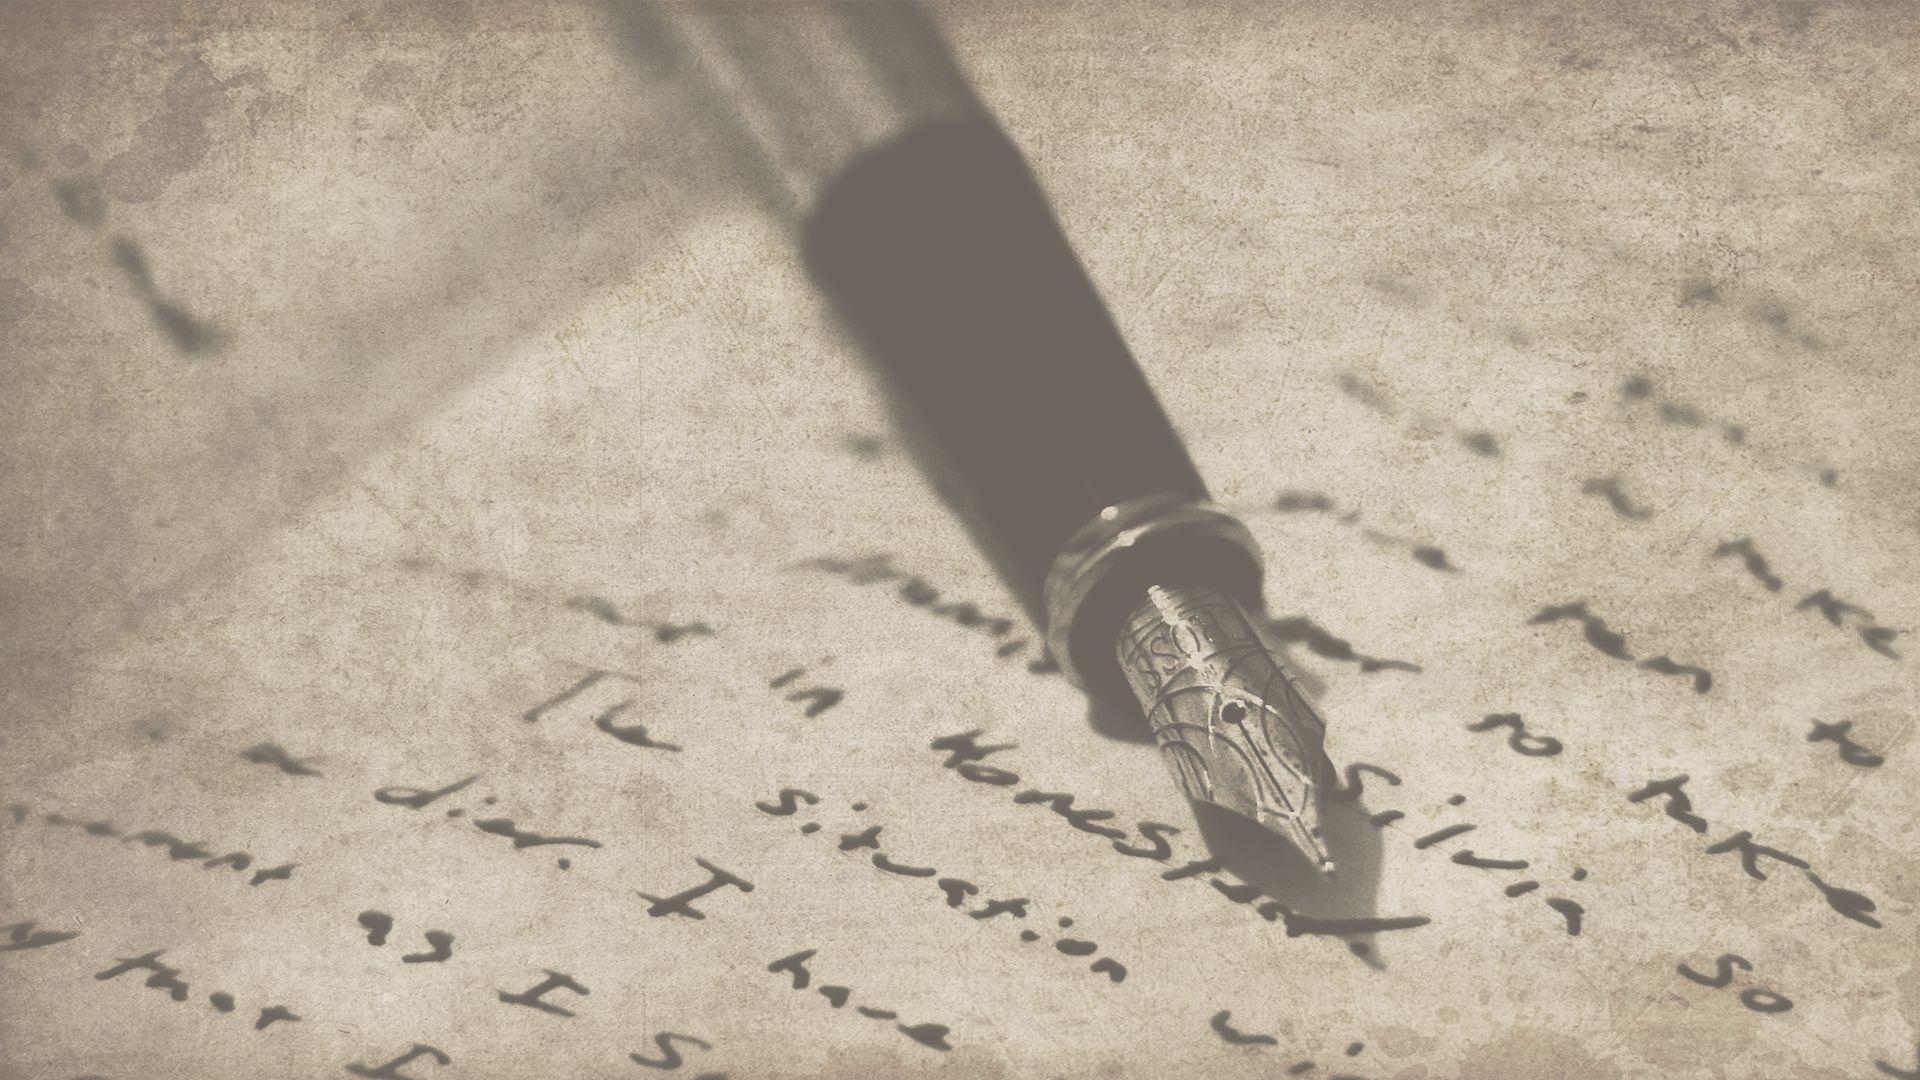 Writing wallpaper free